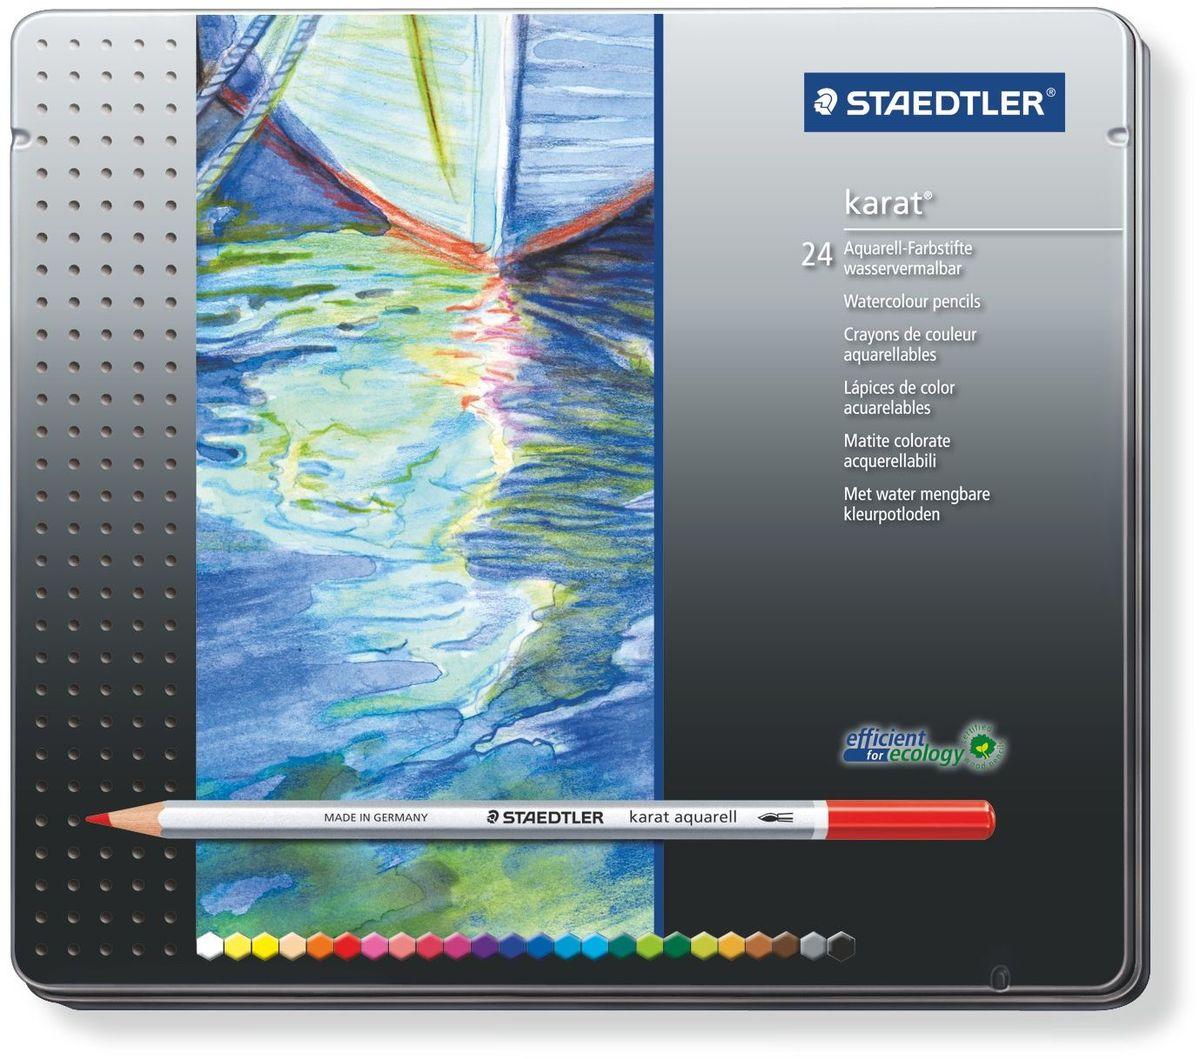 Staedtler Набор акварельных карандашей Karat Aquarell 125 24 шт набор карандашей акварельных mondeluz 24 цв